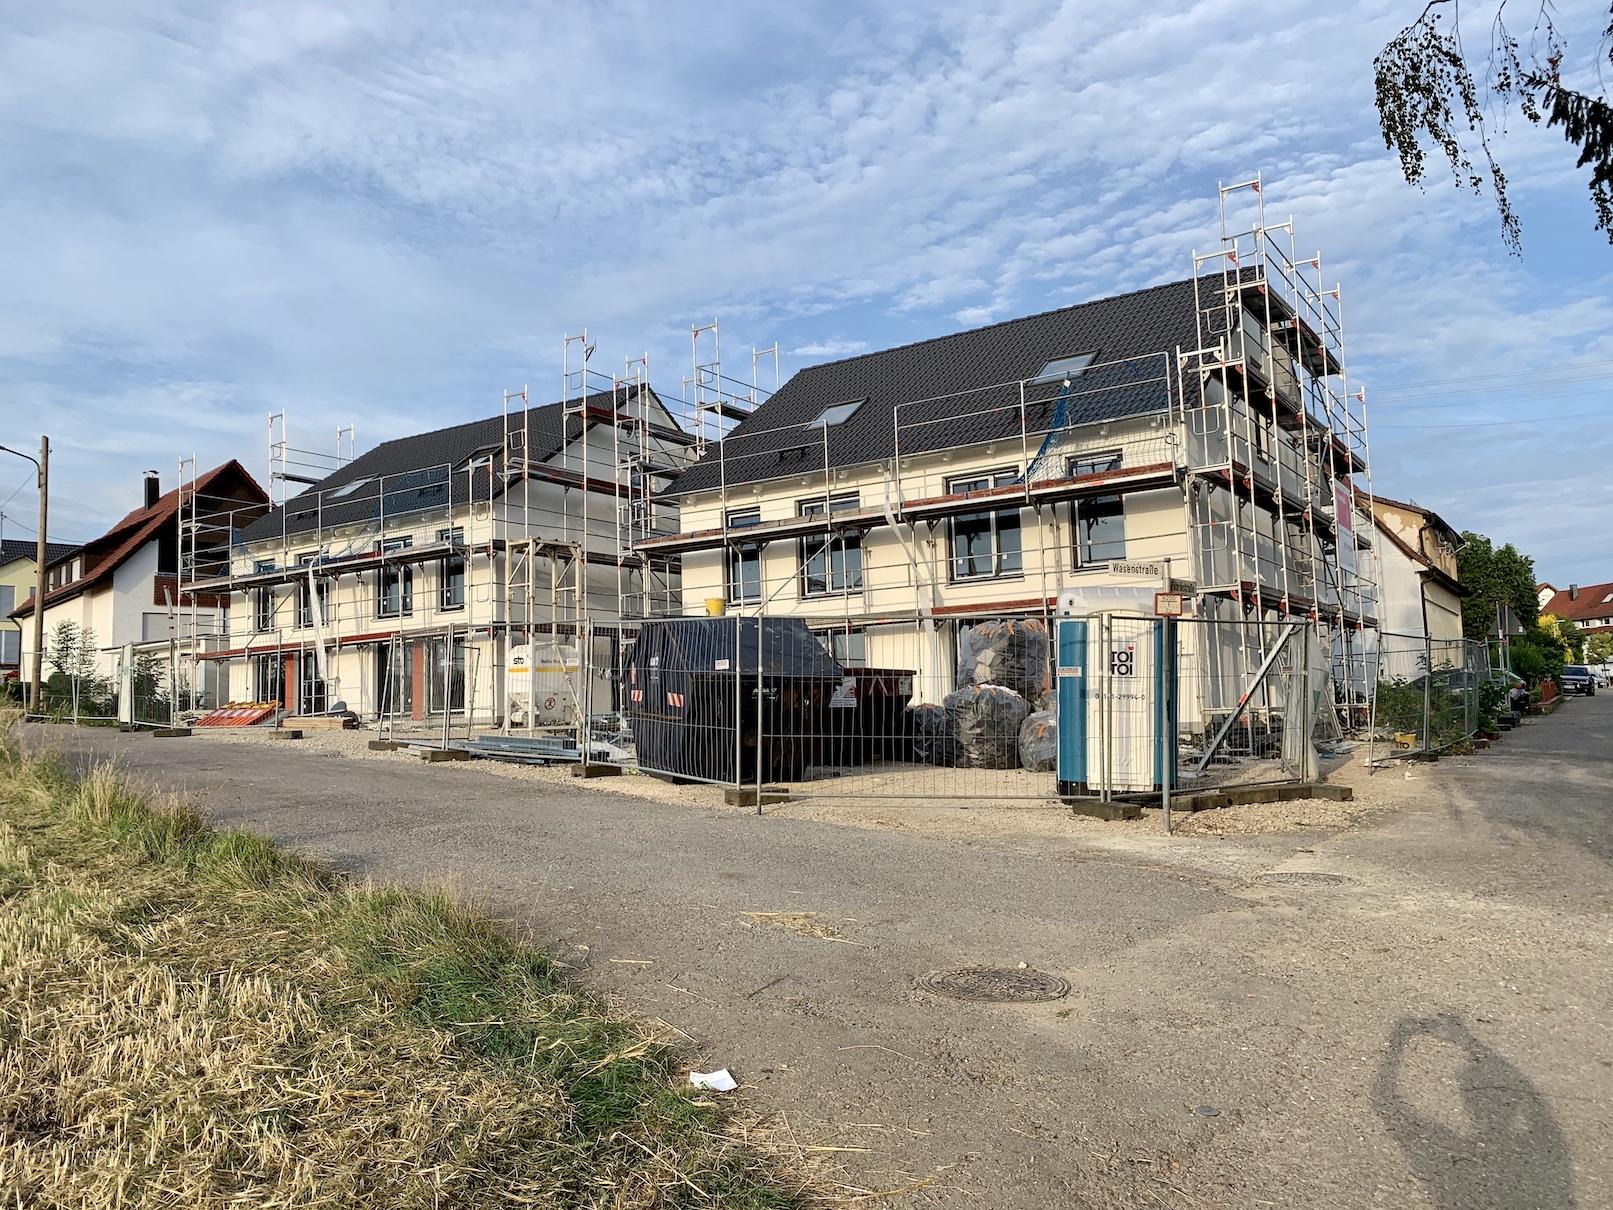 30.07.2020 - Die Fassade wurde fertiggestellt. Im Innenausbau sind die Elektroinstallationen fertiggestellt und die Trockenbauarbeiten fast fertiggestellt, als nächstes wird der Estrich gegossen.